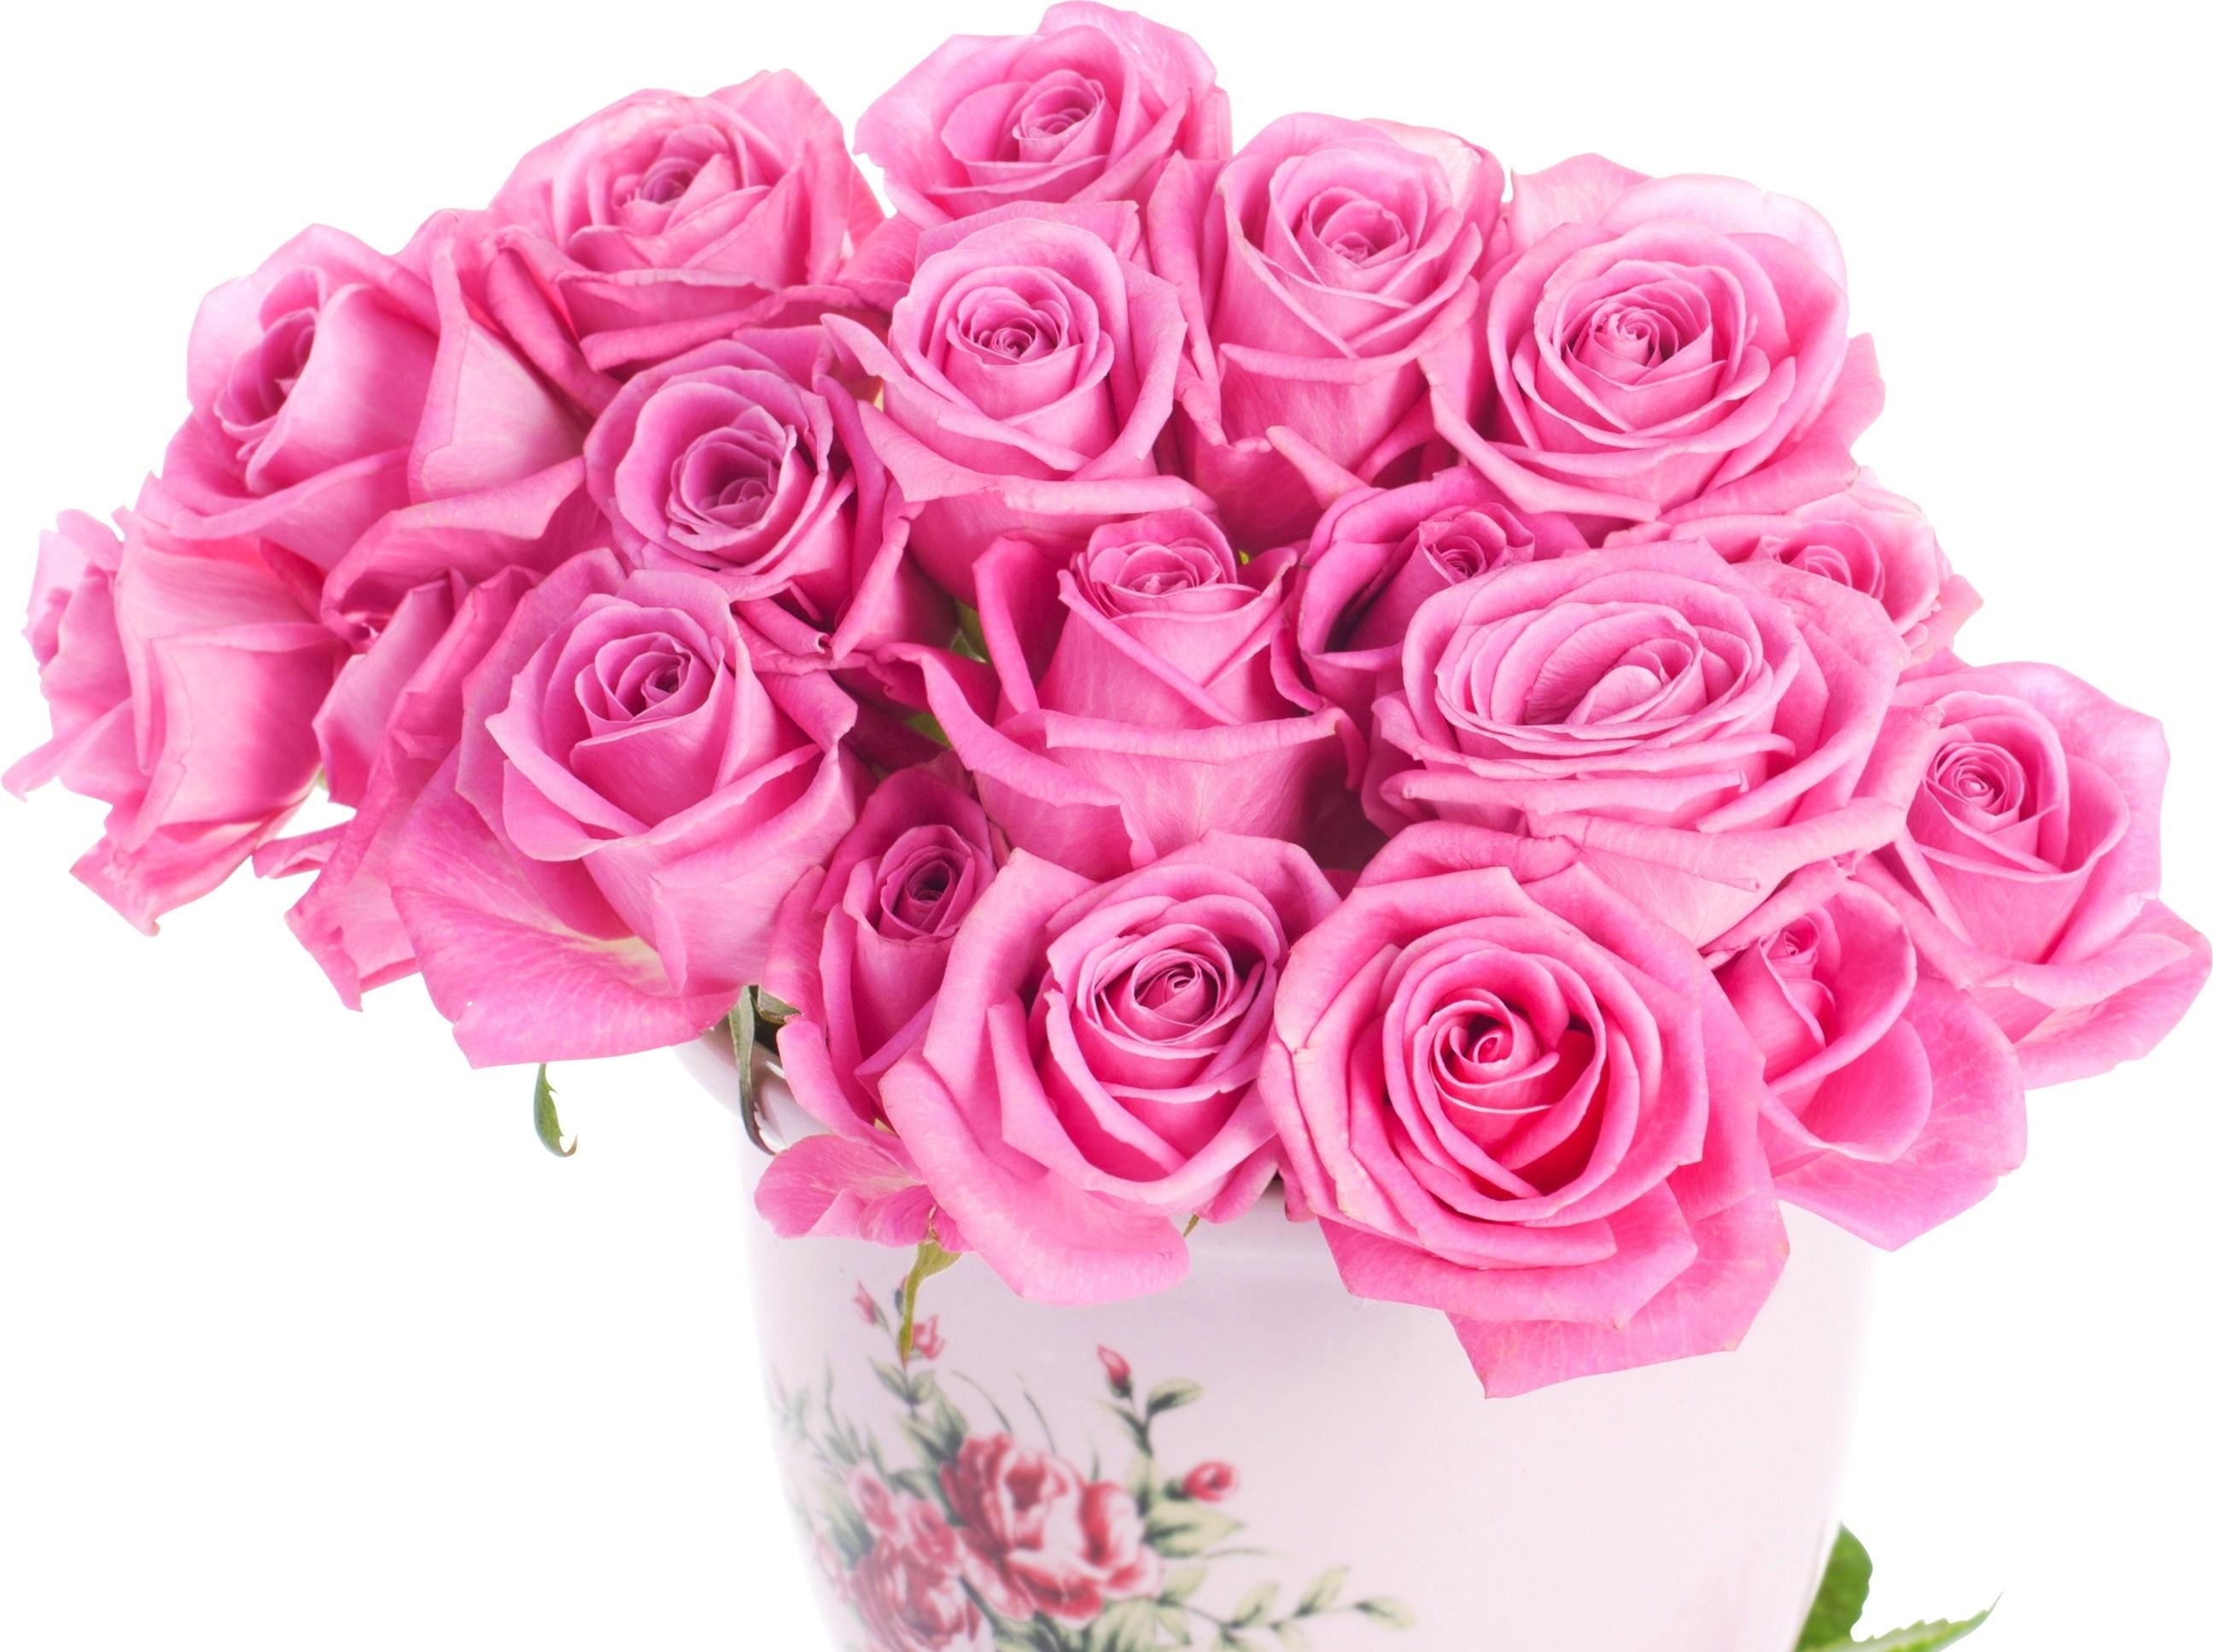 bouquet roses flower wallpaper [2592x1935]